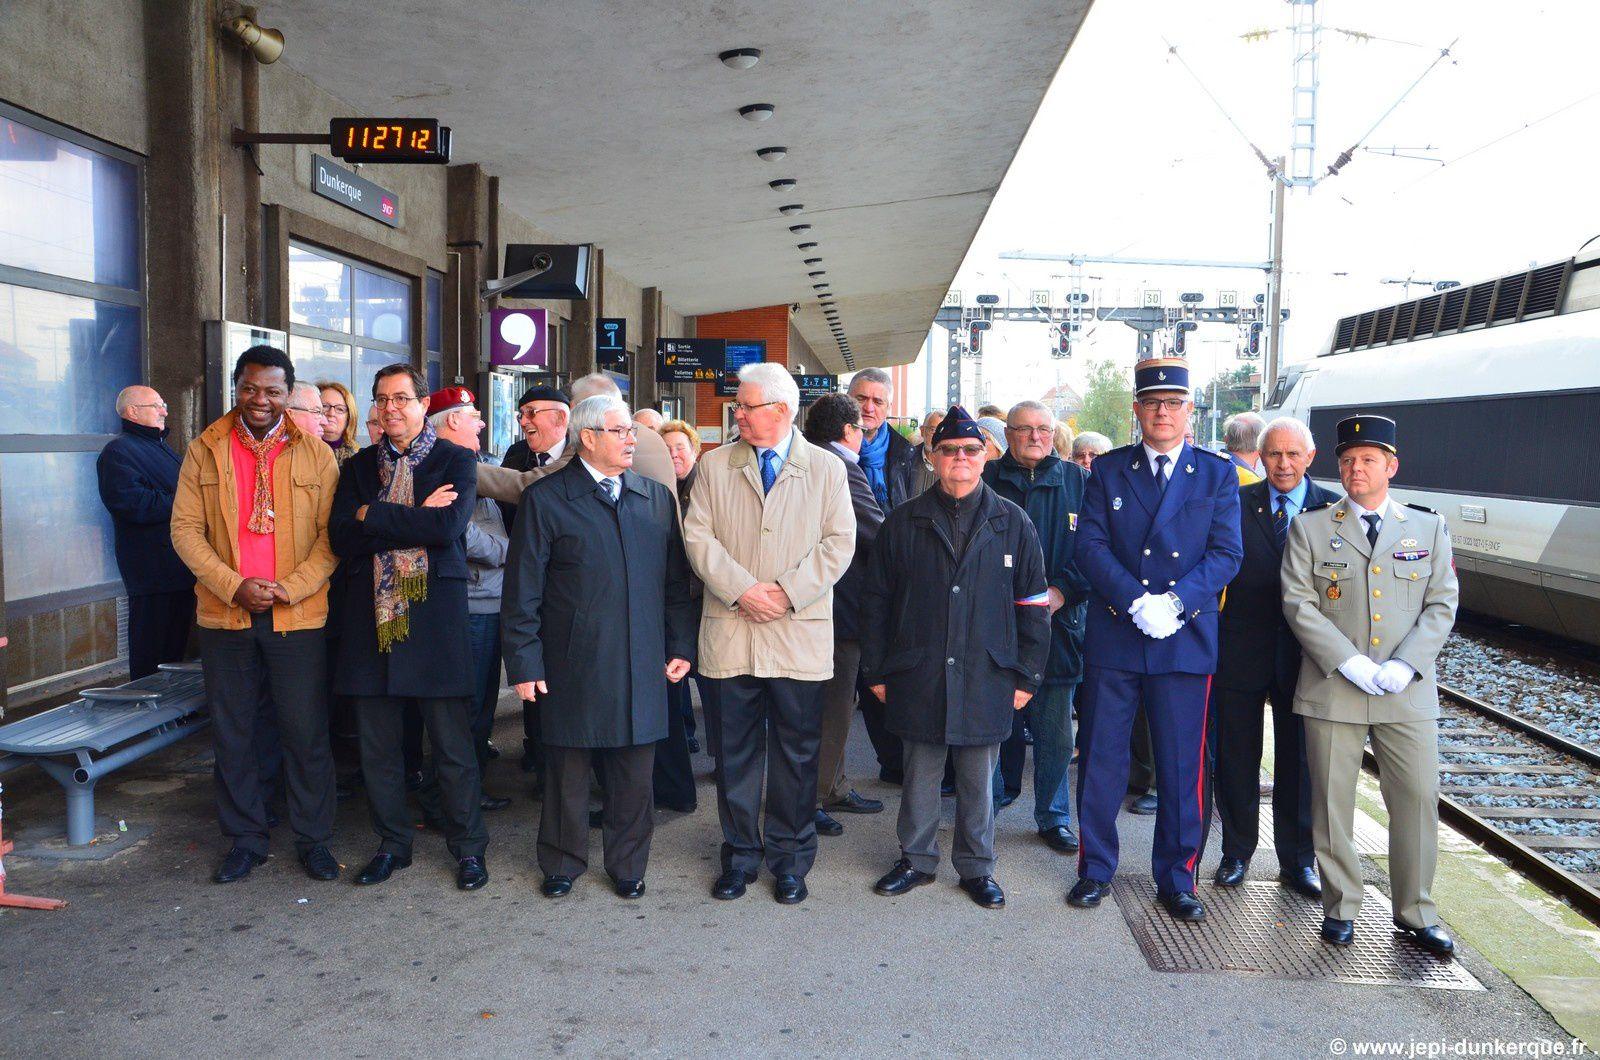 Aux morts de la SNCF - Dunkerque 2015